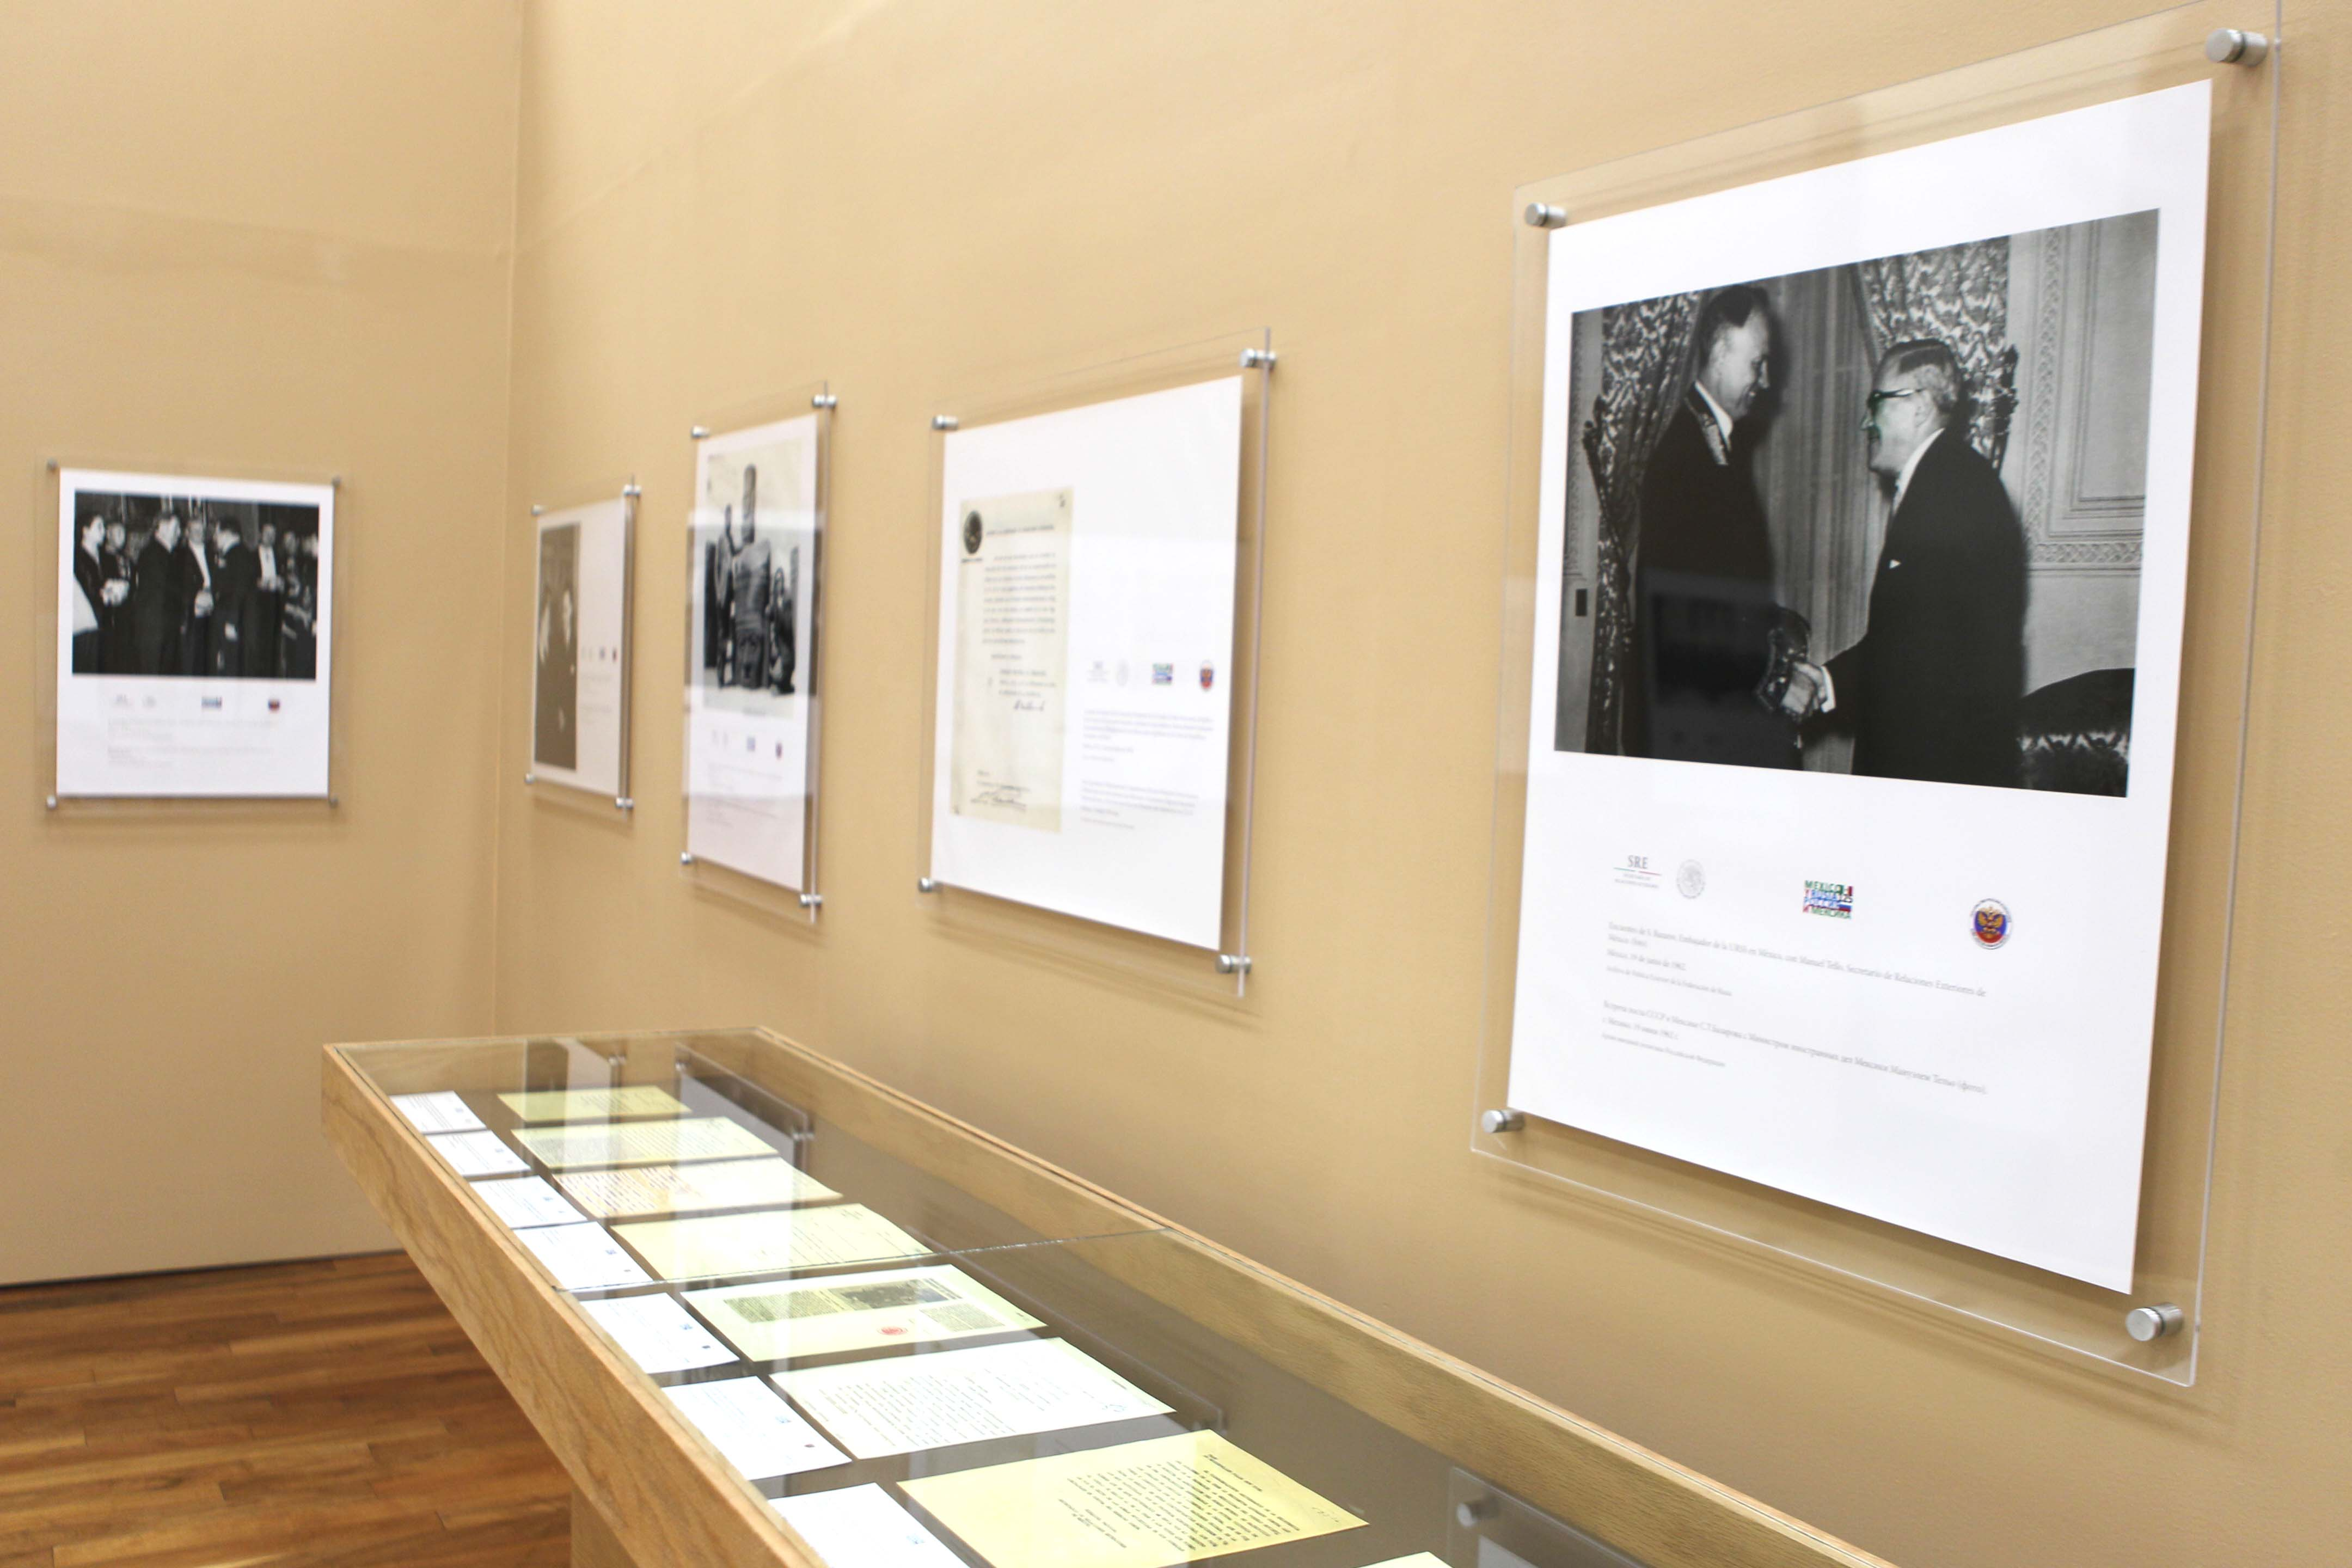 FOTO 2 Exposicion Documental y Fotografica 125 A os de Relaciones Diplomaticas M xico Rusiajpg